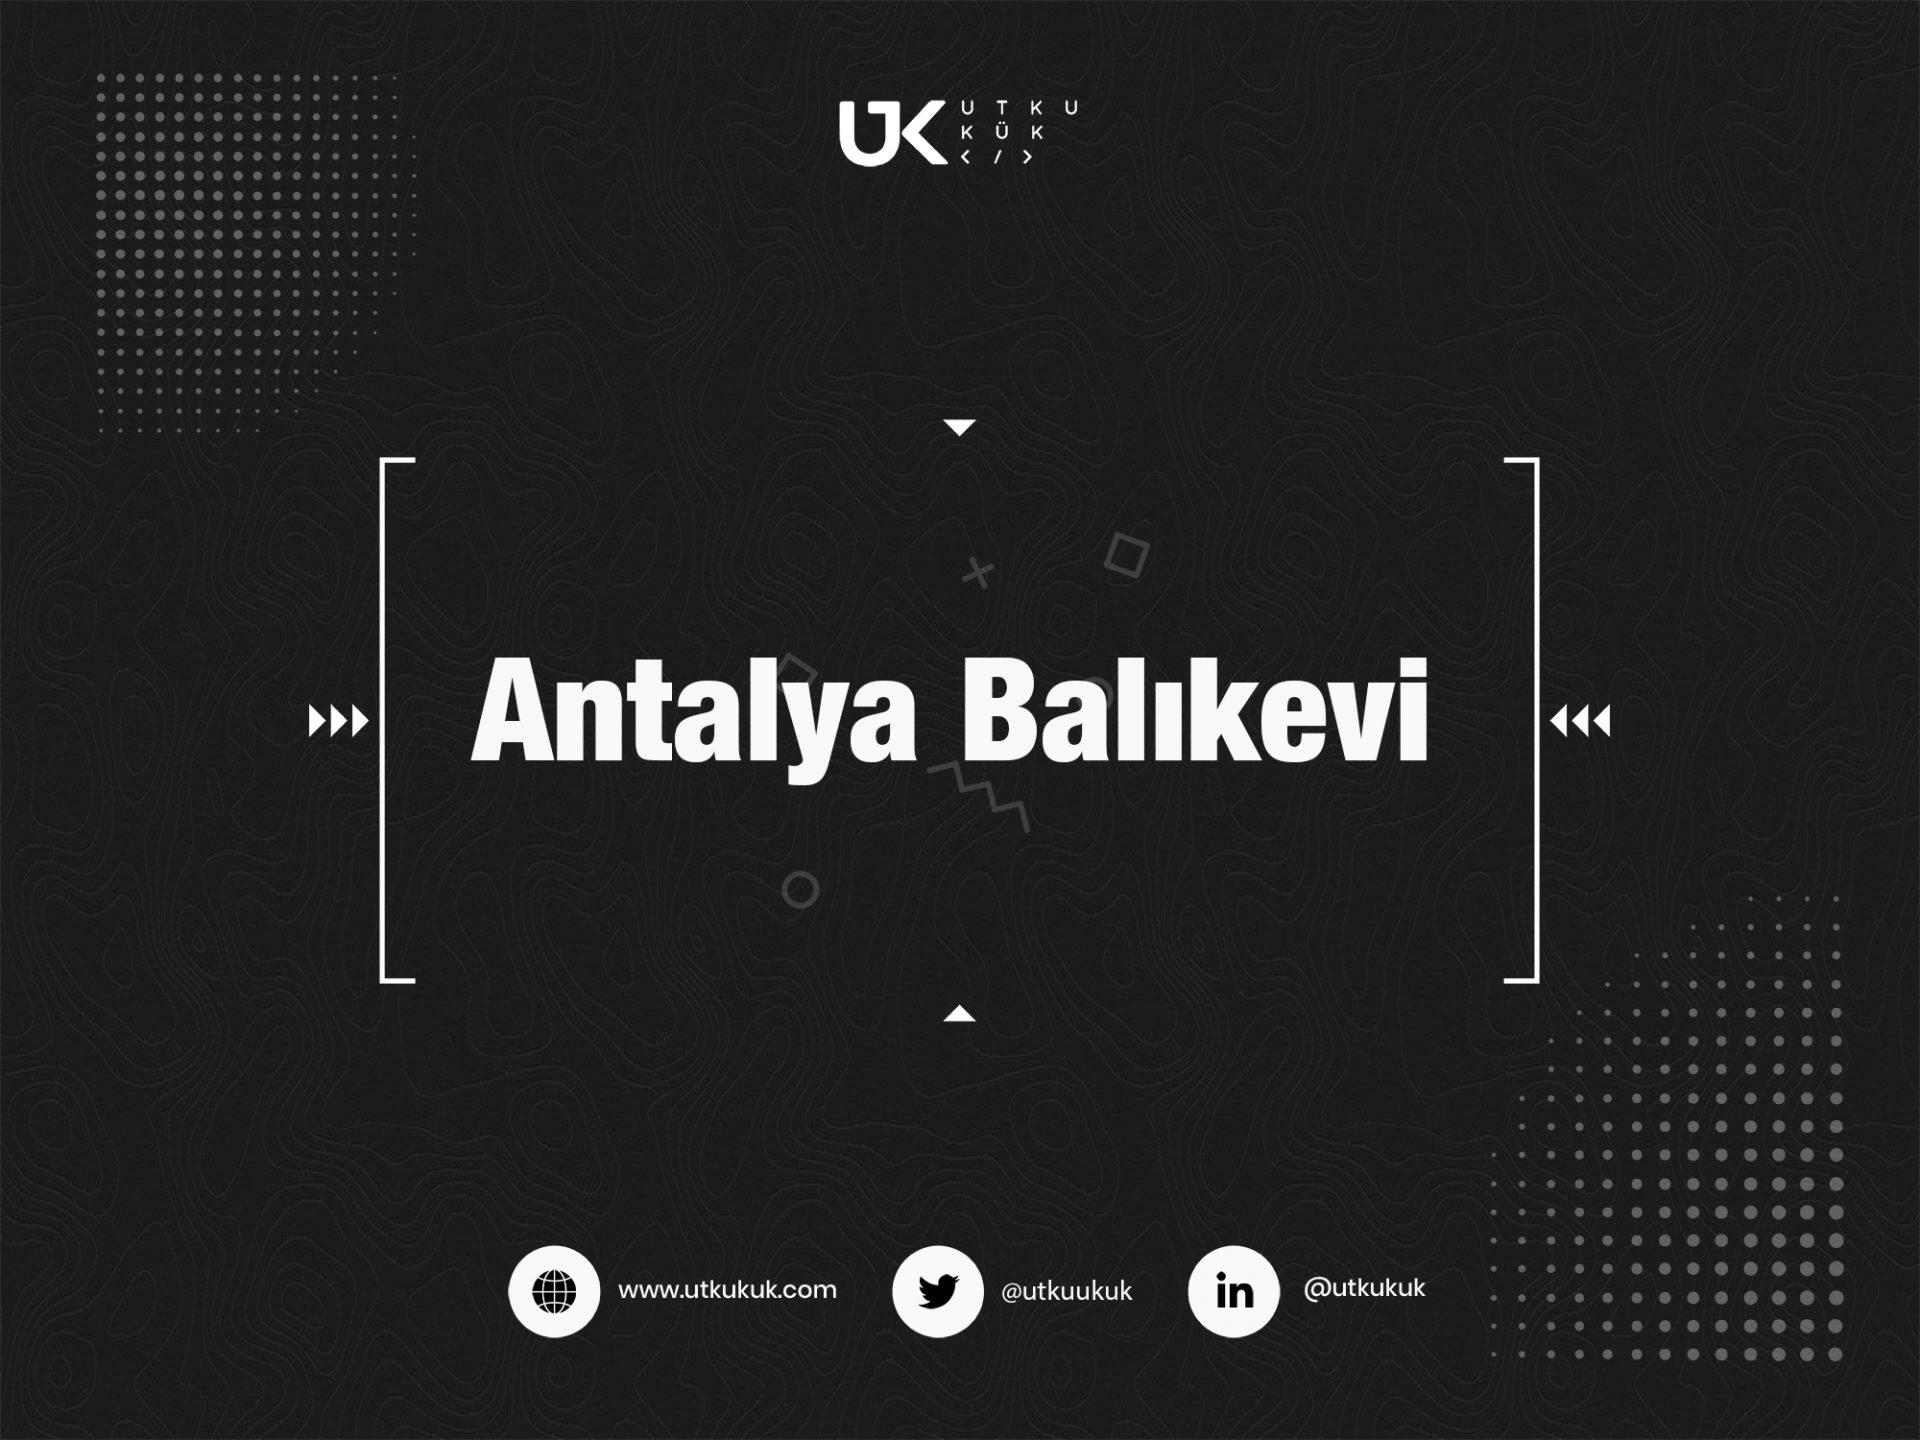 Antalya Balıkevi